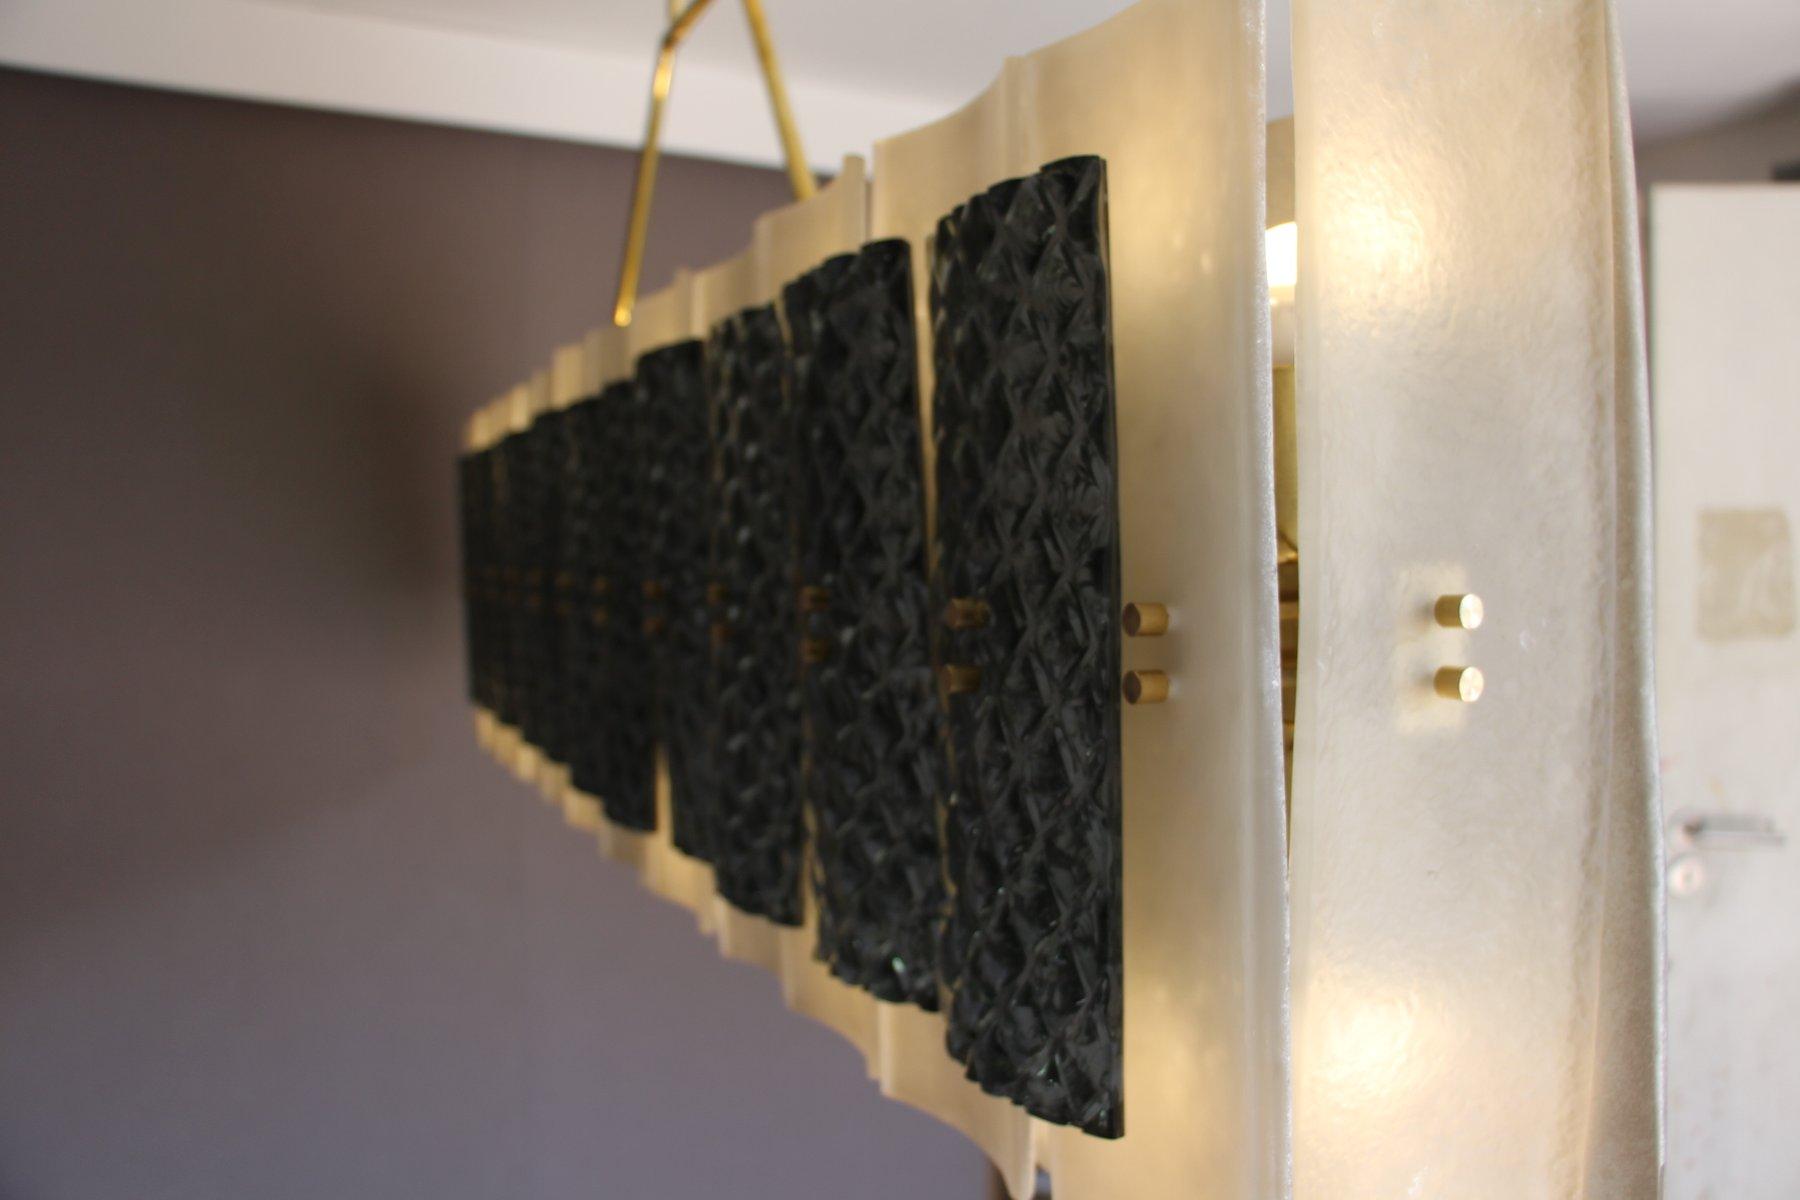 plafonnier rectangulaire 1970s en vente sur pamono. Black Bedroom Furniture Sets. Home Design Ideas